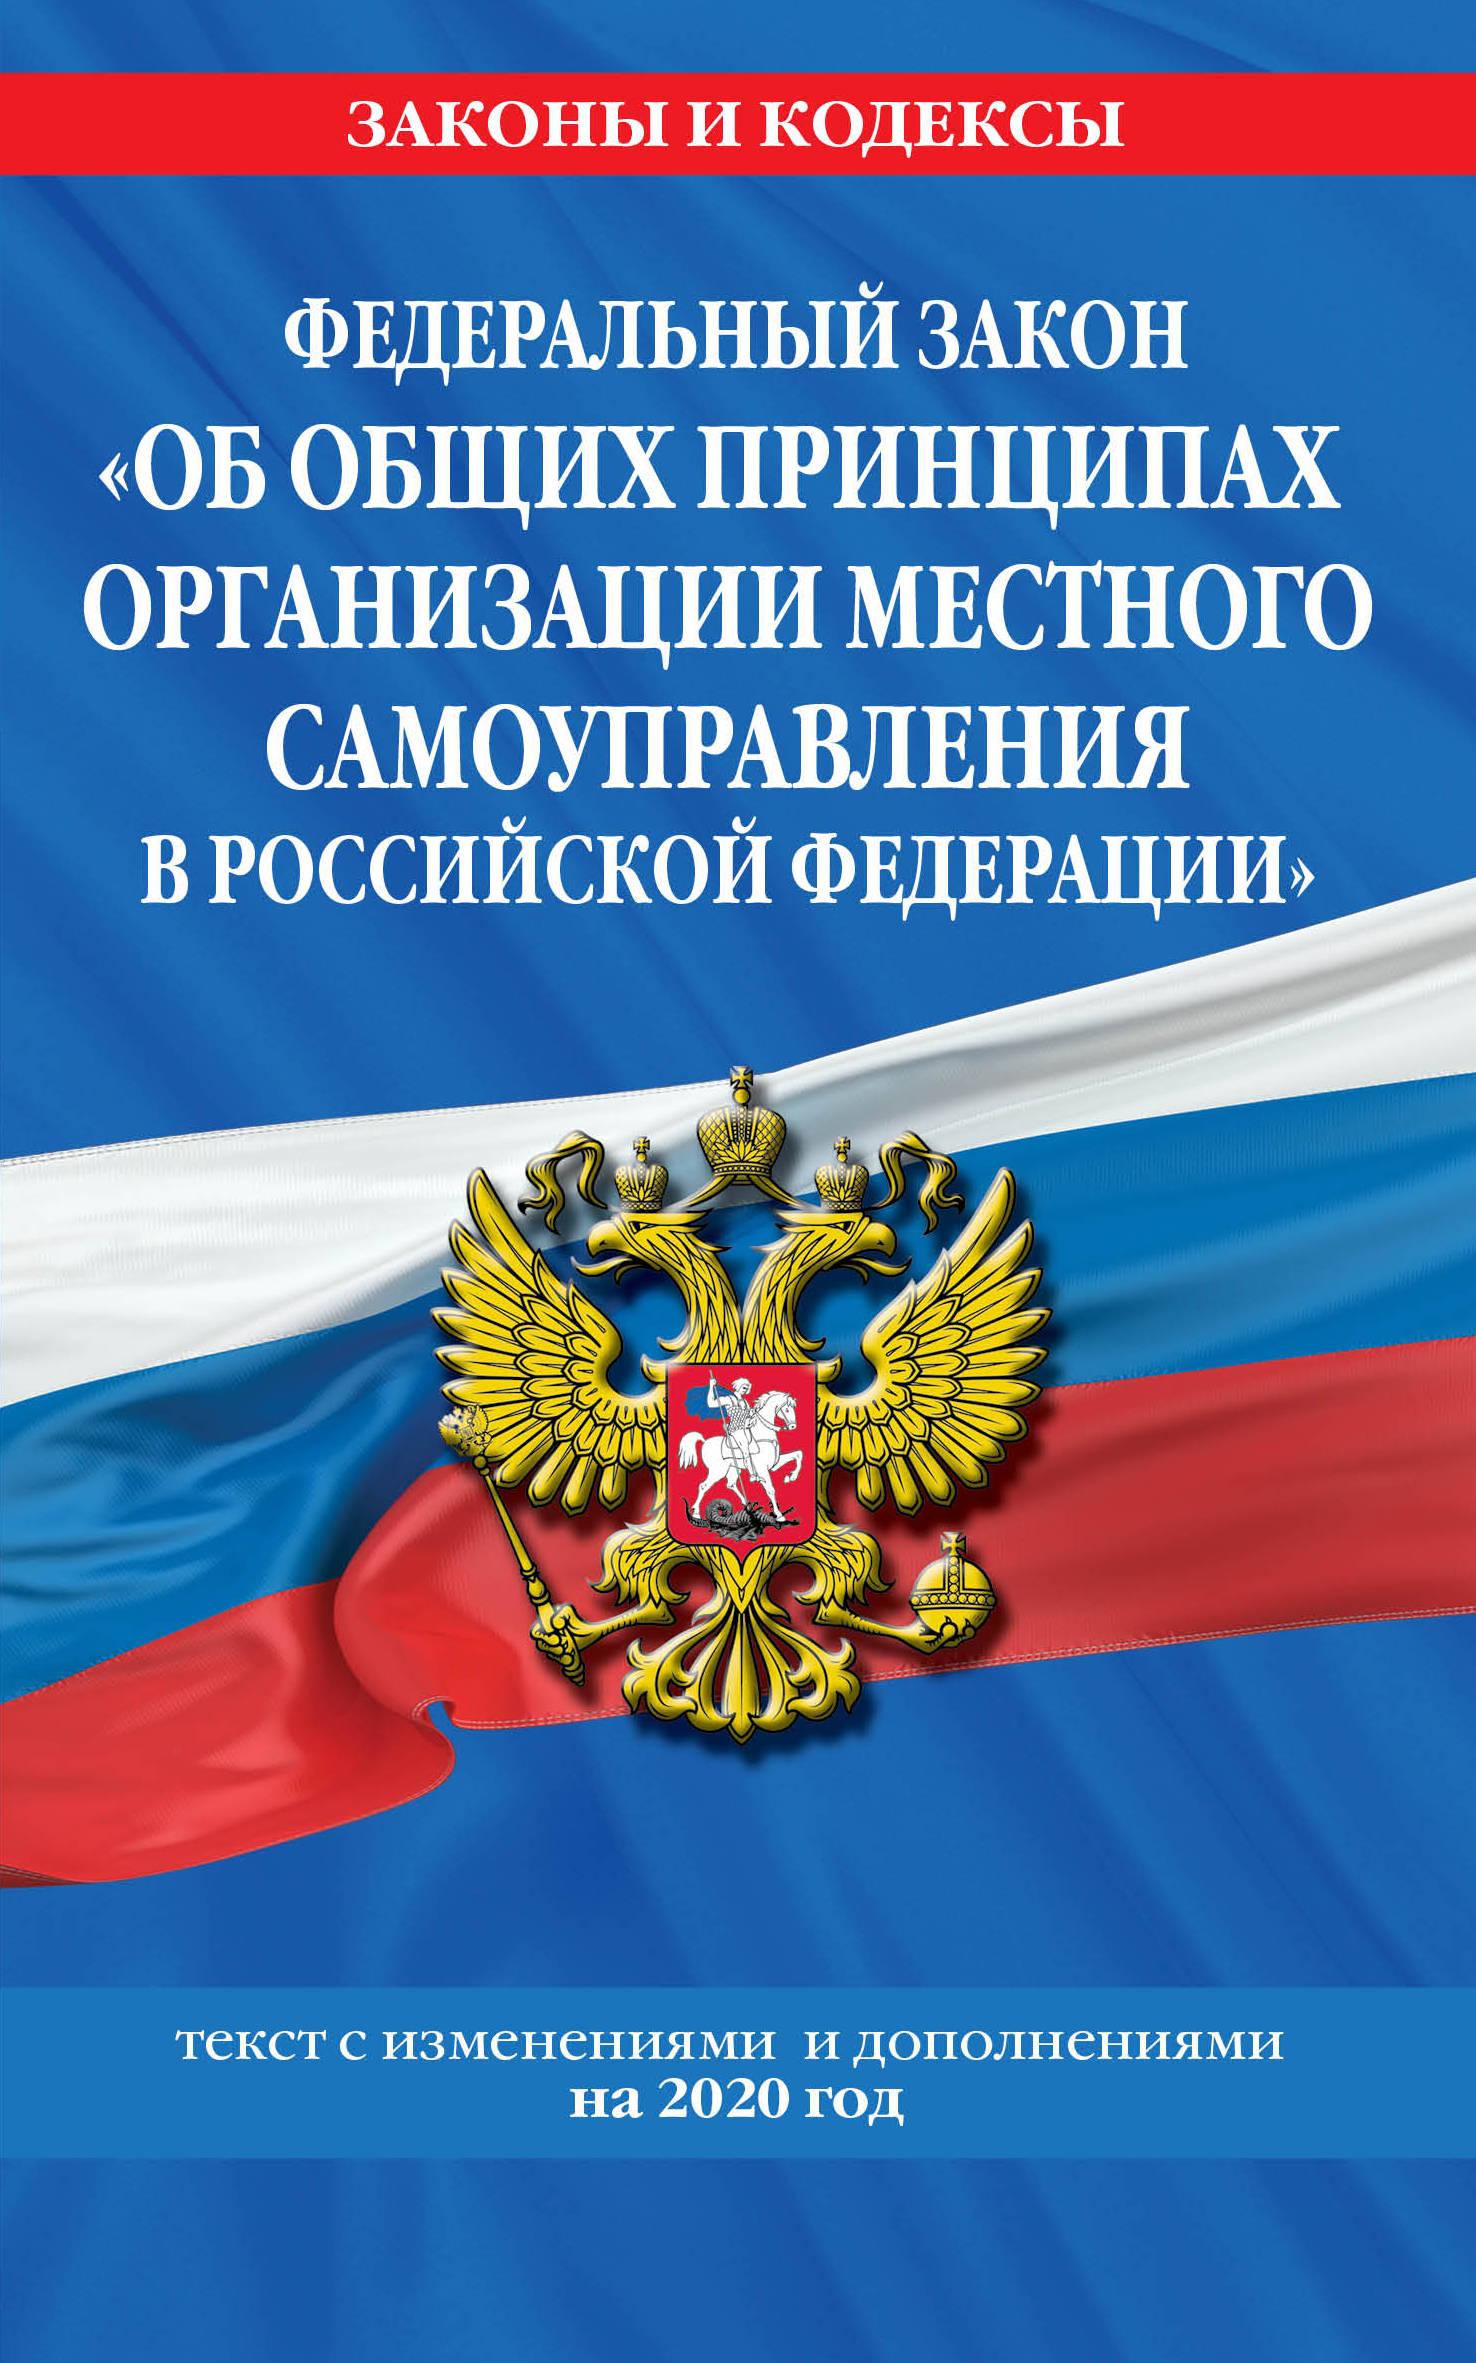 """Federalnyj zakon """"Ob obschikh printsipakh organizatsii mestnogo samoupravlenija v Rossijskoj Federatsii"""": tekst s izm. i dop. na 2020 god"""